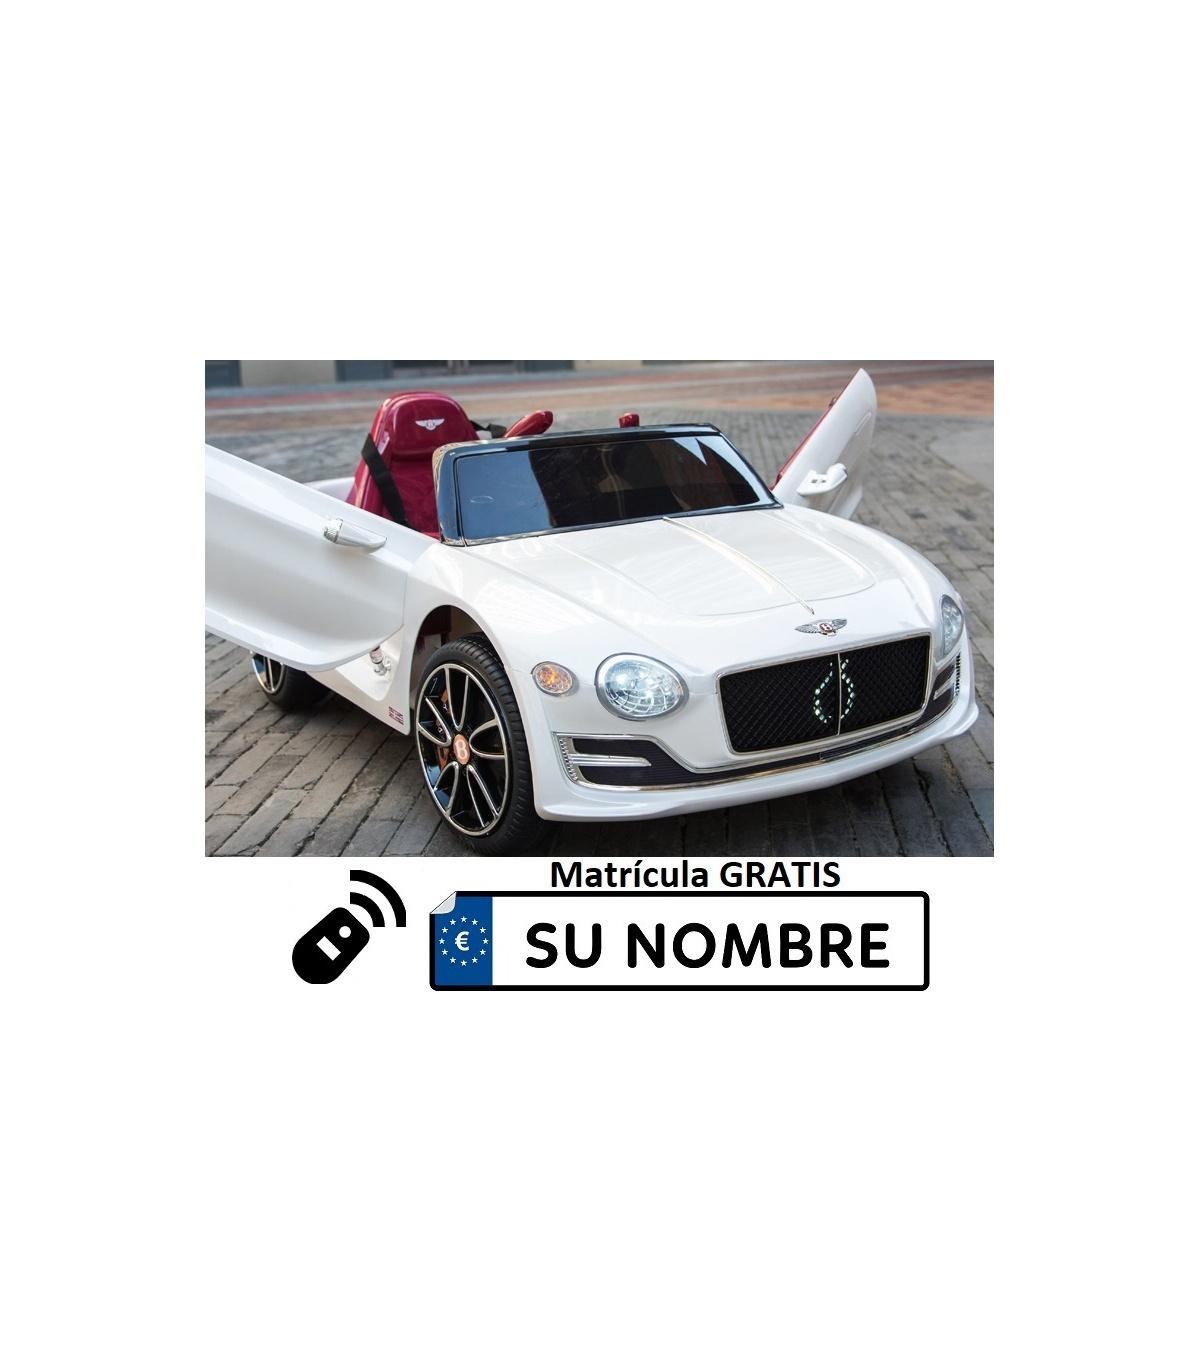 Plaza Control Remoto1 Coche 12v Con Eléctrico Niños Exp Para Bentley rsxtdhQC